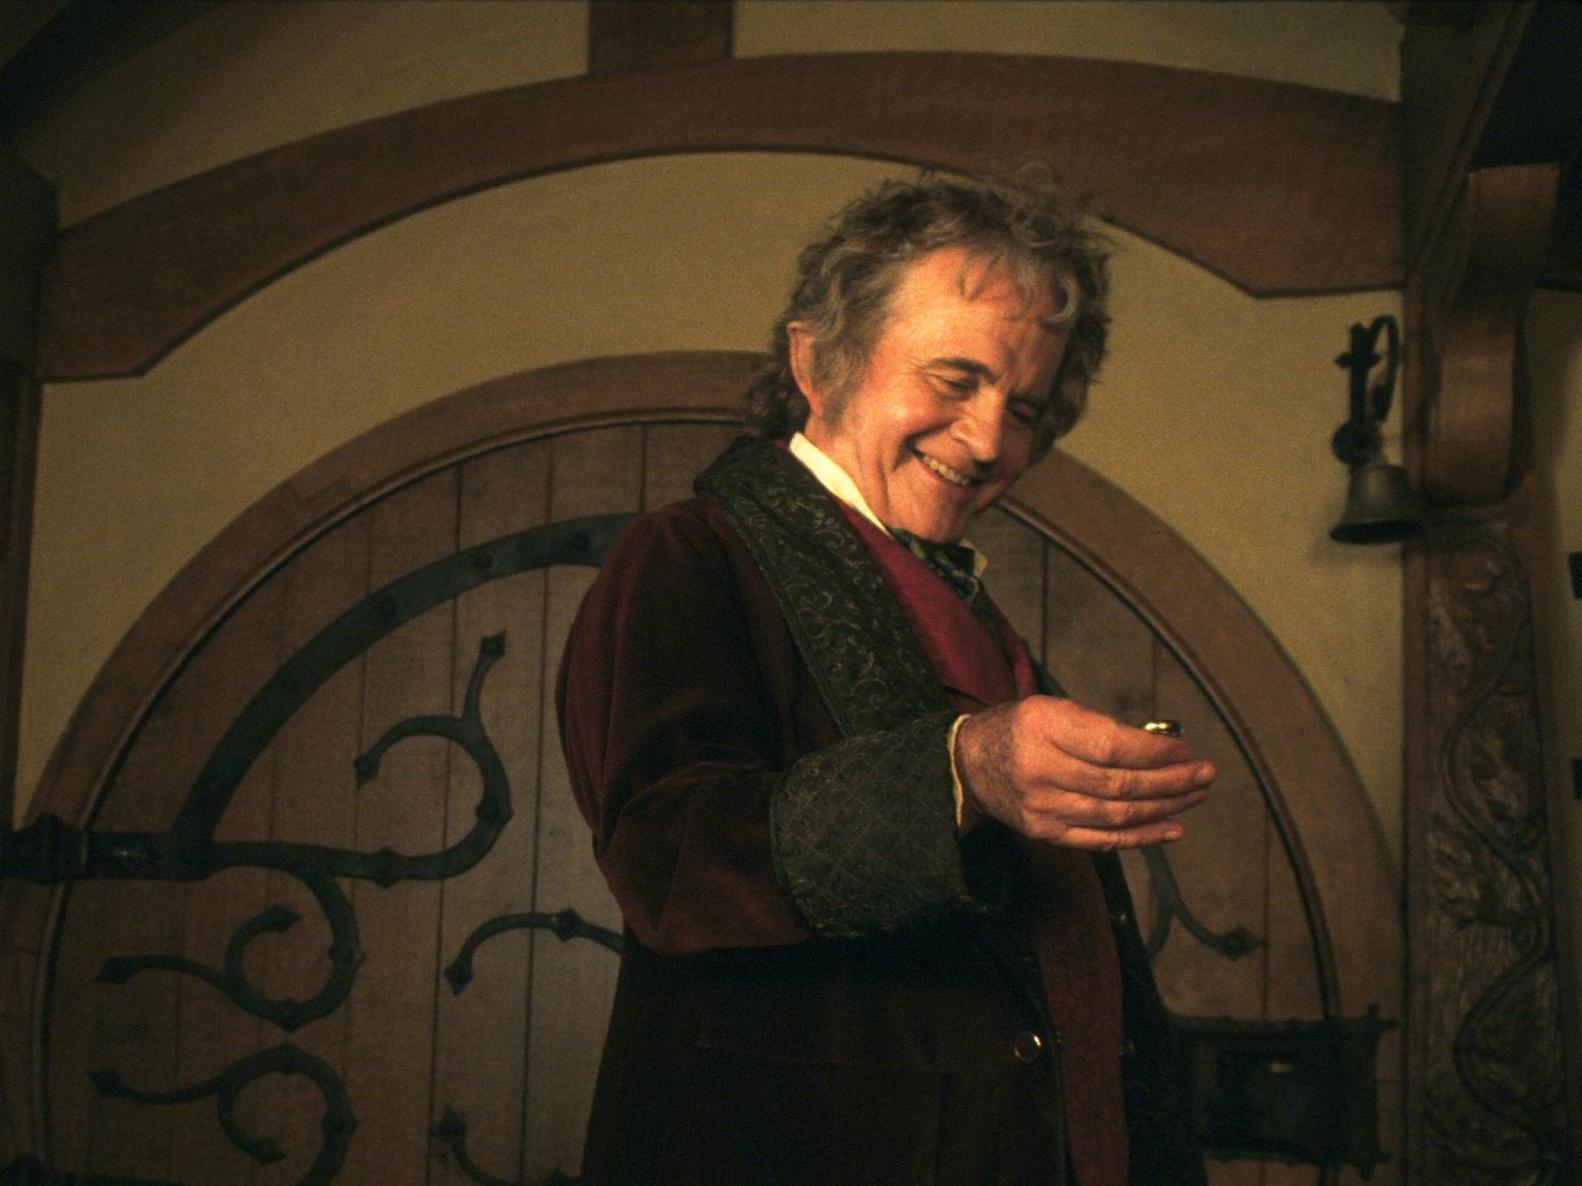 Fallece actor que interpretó a Bilbo Baggins en El Señor de los Anillos